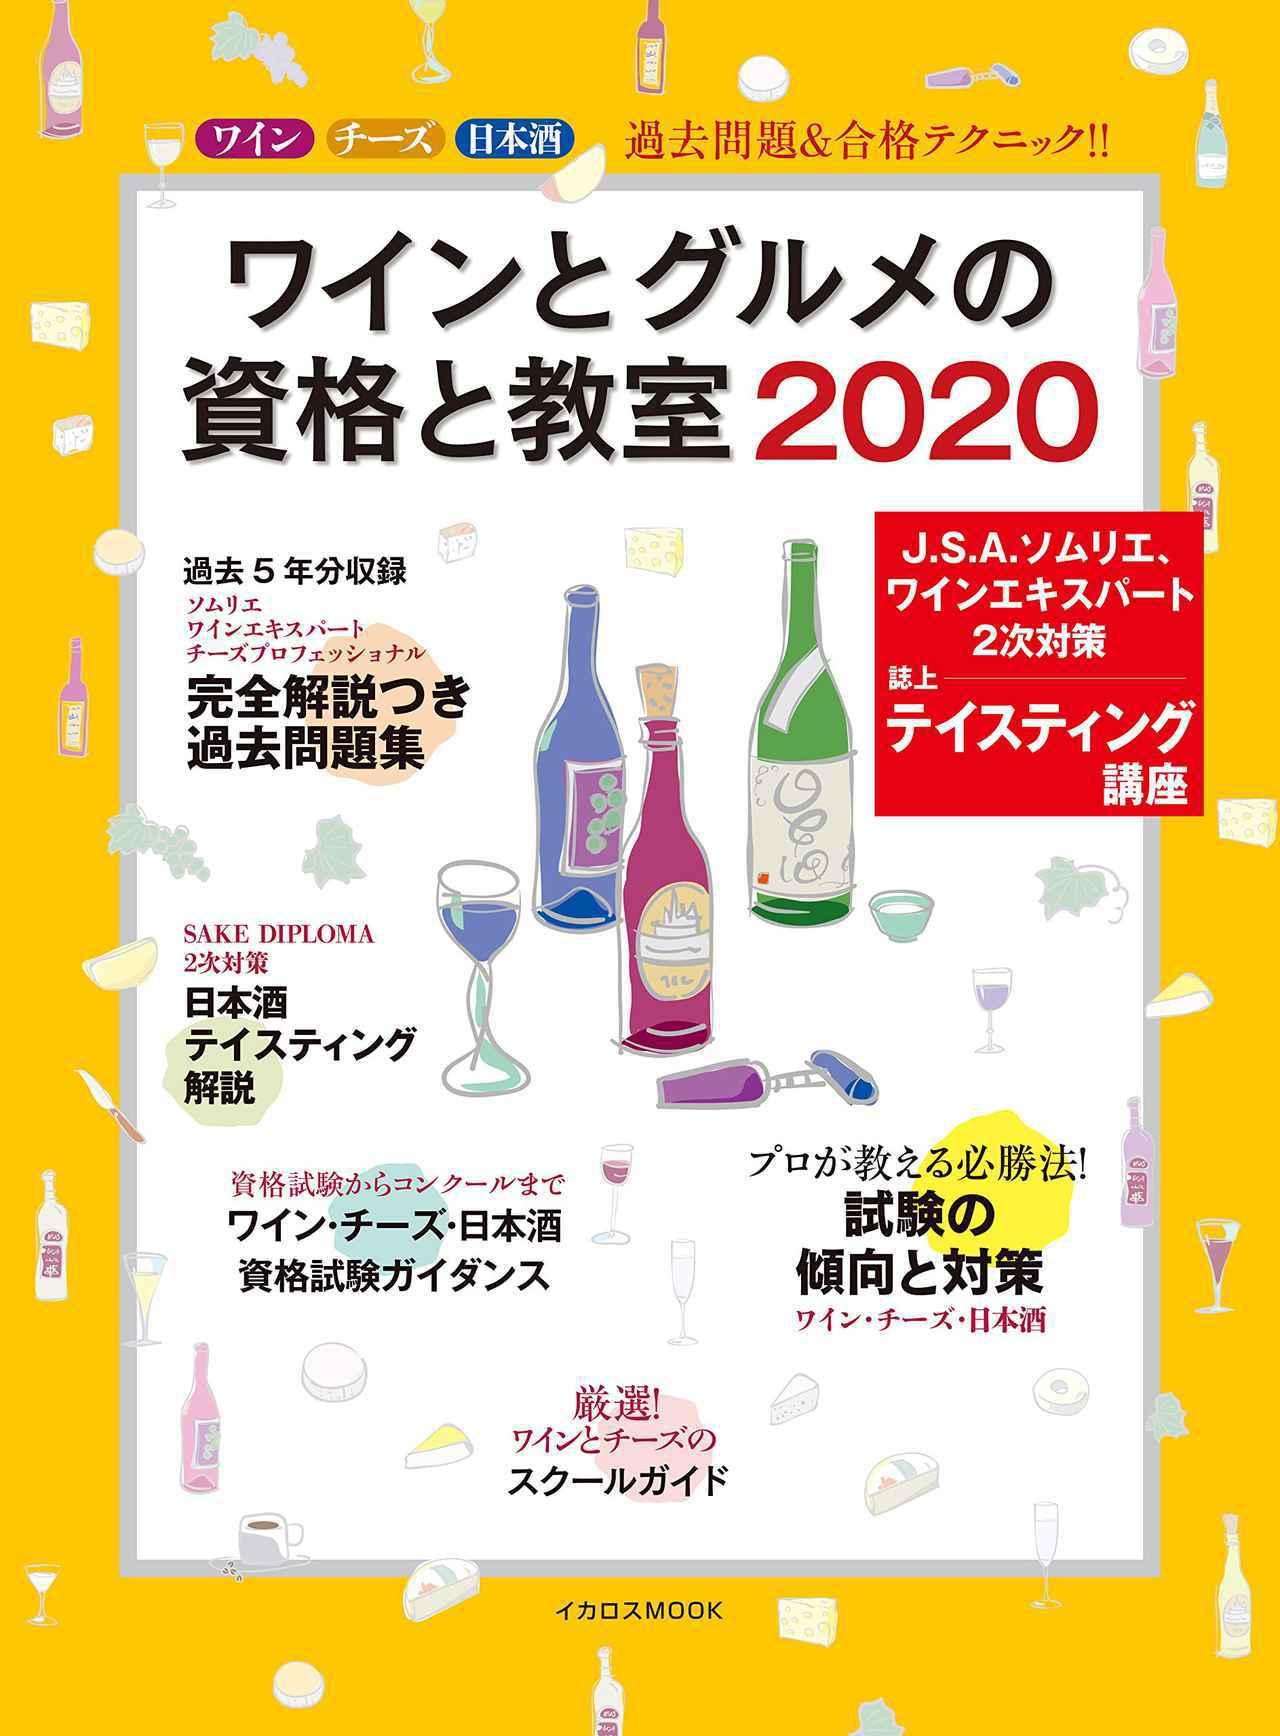 画像1: ソムリエ、ワインエキスパートを目指す人へ 〜WK Library お勧めブックガイド〜